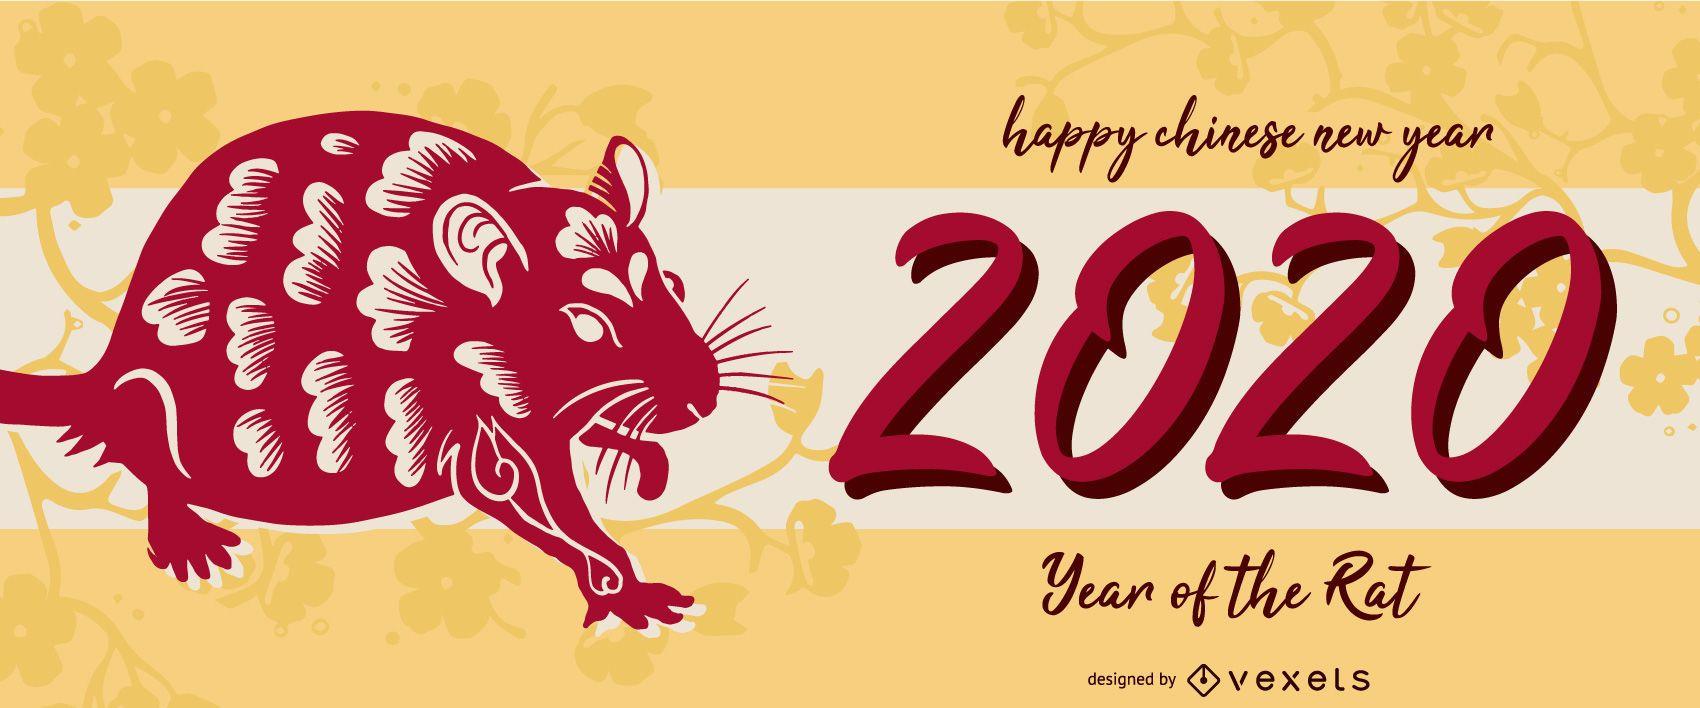 Chinese new year rat slider